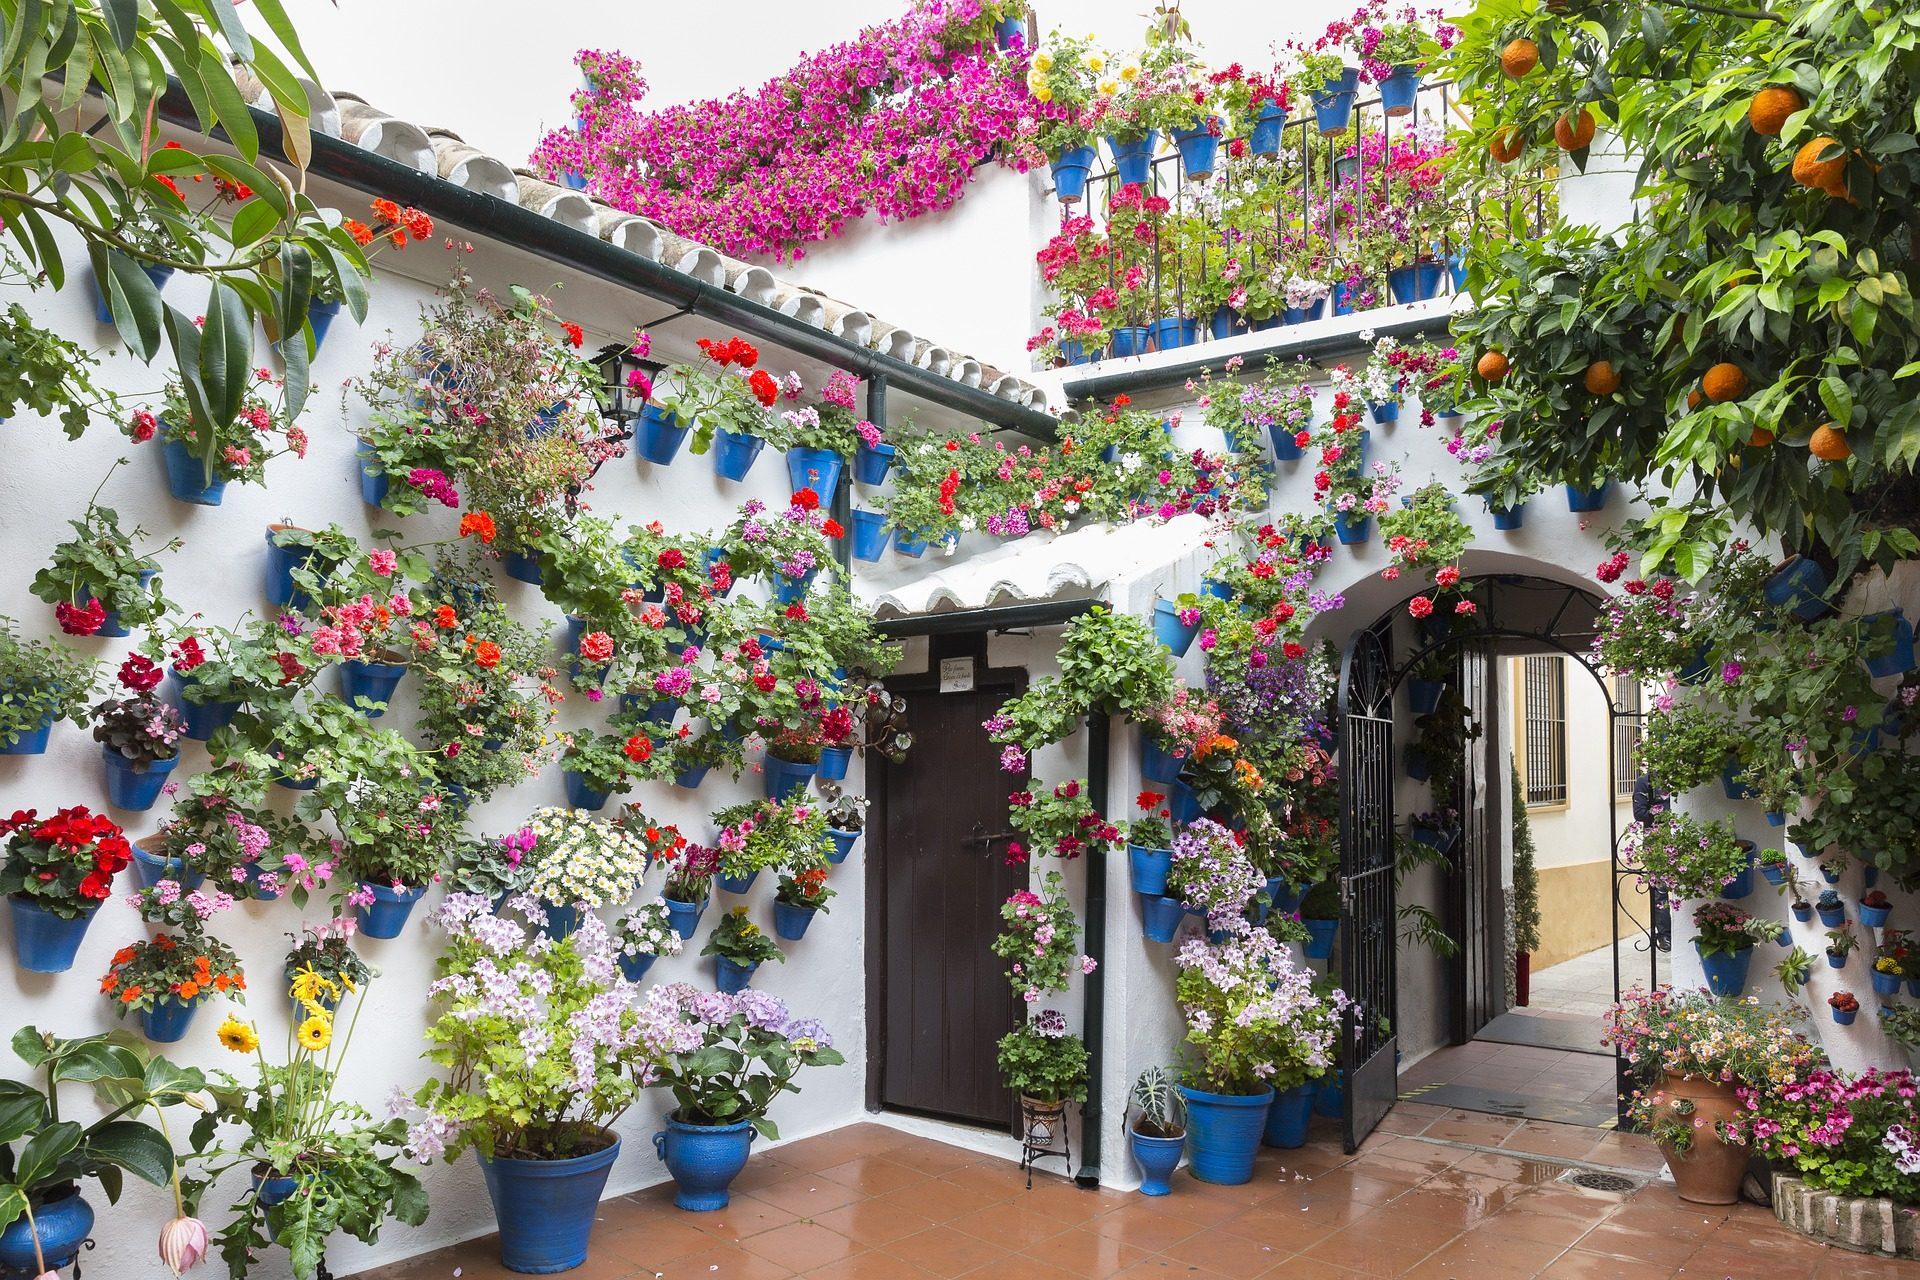 Патио, Дом, горшки, Цветы, красочные, Кордова, Испания - Обои HD - Профессор falken.com